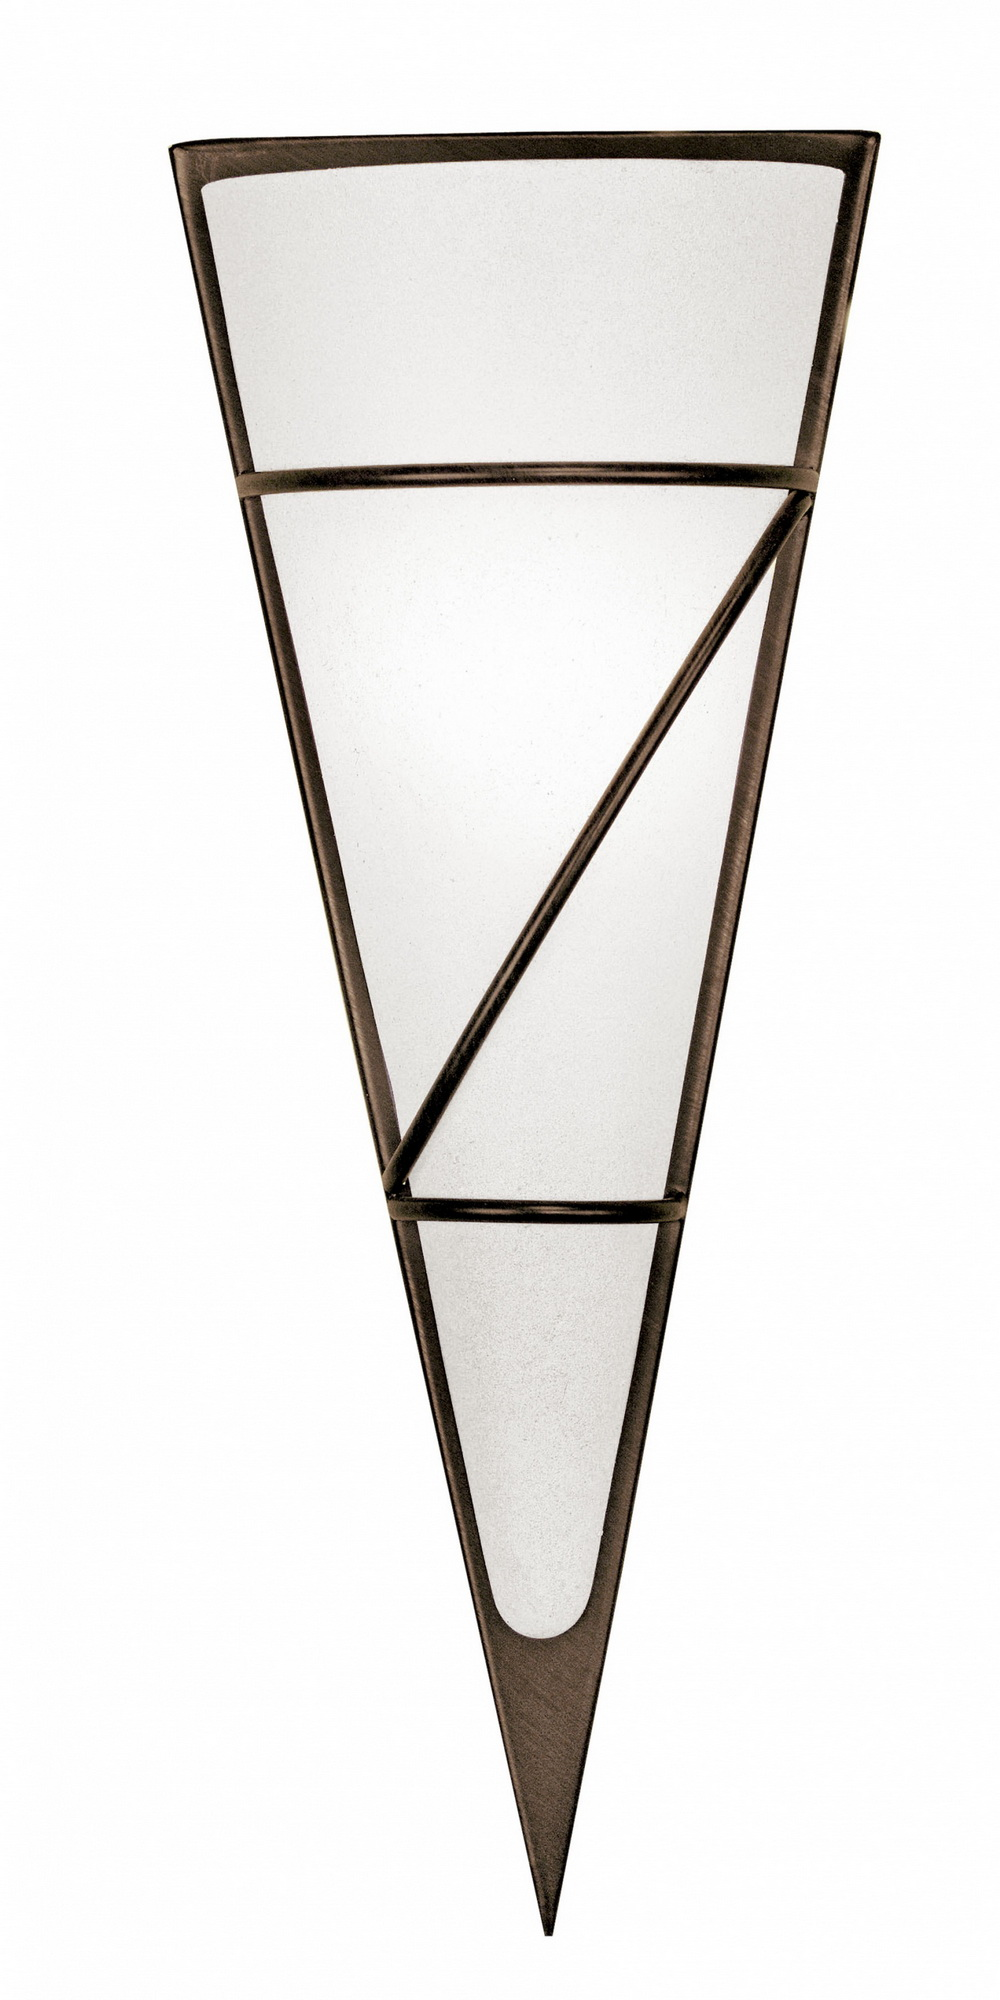 Светильник настенно-потолочный EgloСветильники настенно-потолочные<br>Мощность: 60,<br>Количество ламп: 1,<br>Назначение светильника: для комнаты,<br>Стиль светильника: модерн,<br>Материал светильника: металл, стекло,<br>Тип лампы: накаливания,<br>Длина (мм): 180,<br>Ширина: 480,<br>Патрон: Е14,<br>Цвет арматуры: коричневый,<br>Степень защиты от пыли и влаги: IP 20,<br>Вес нетто: 1.005<br>